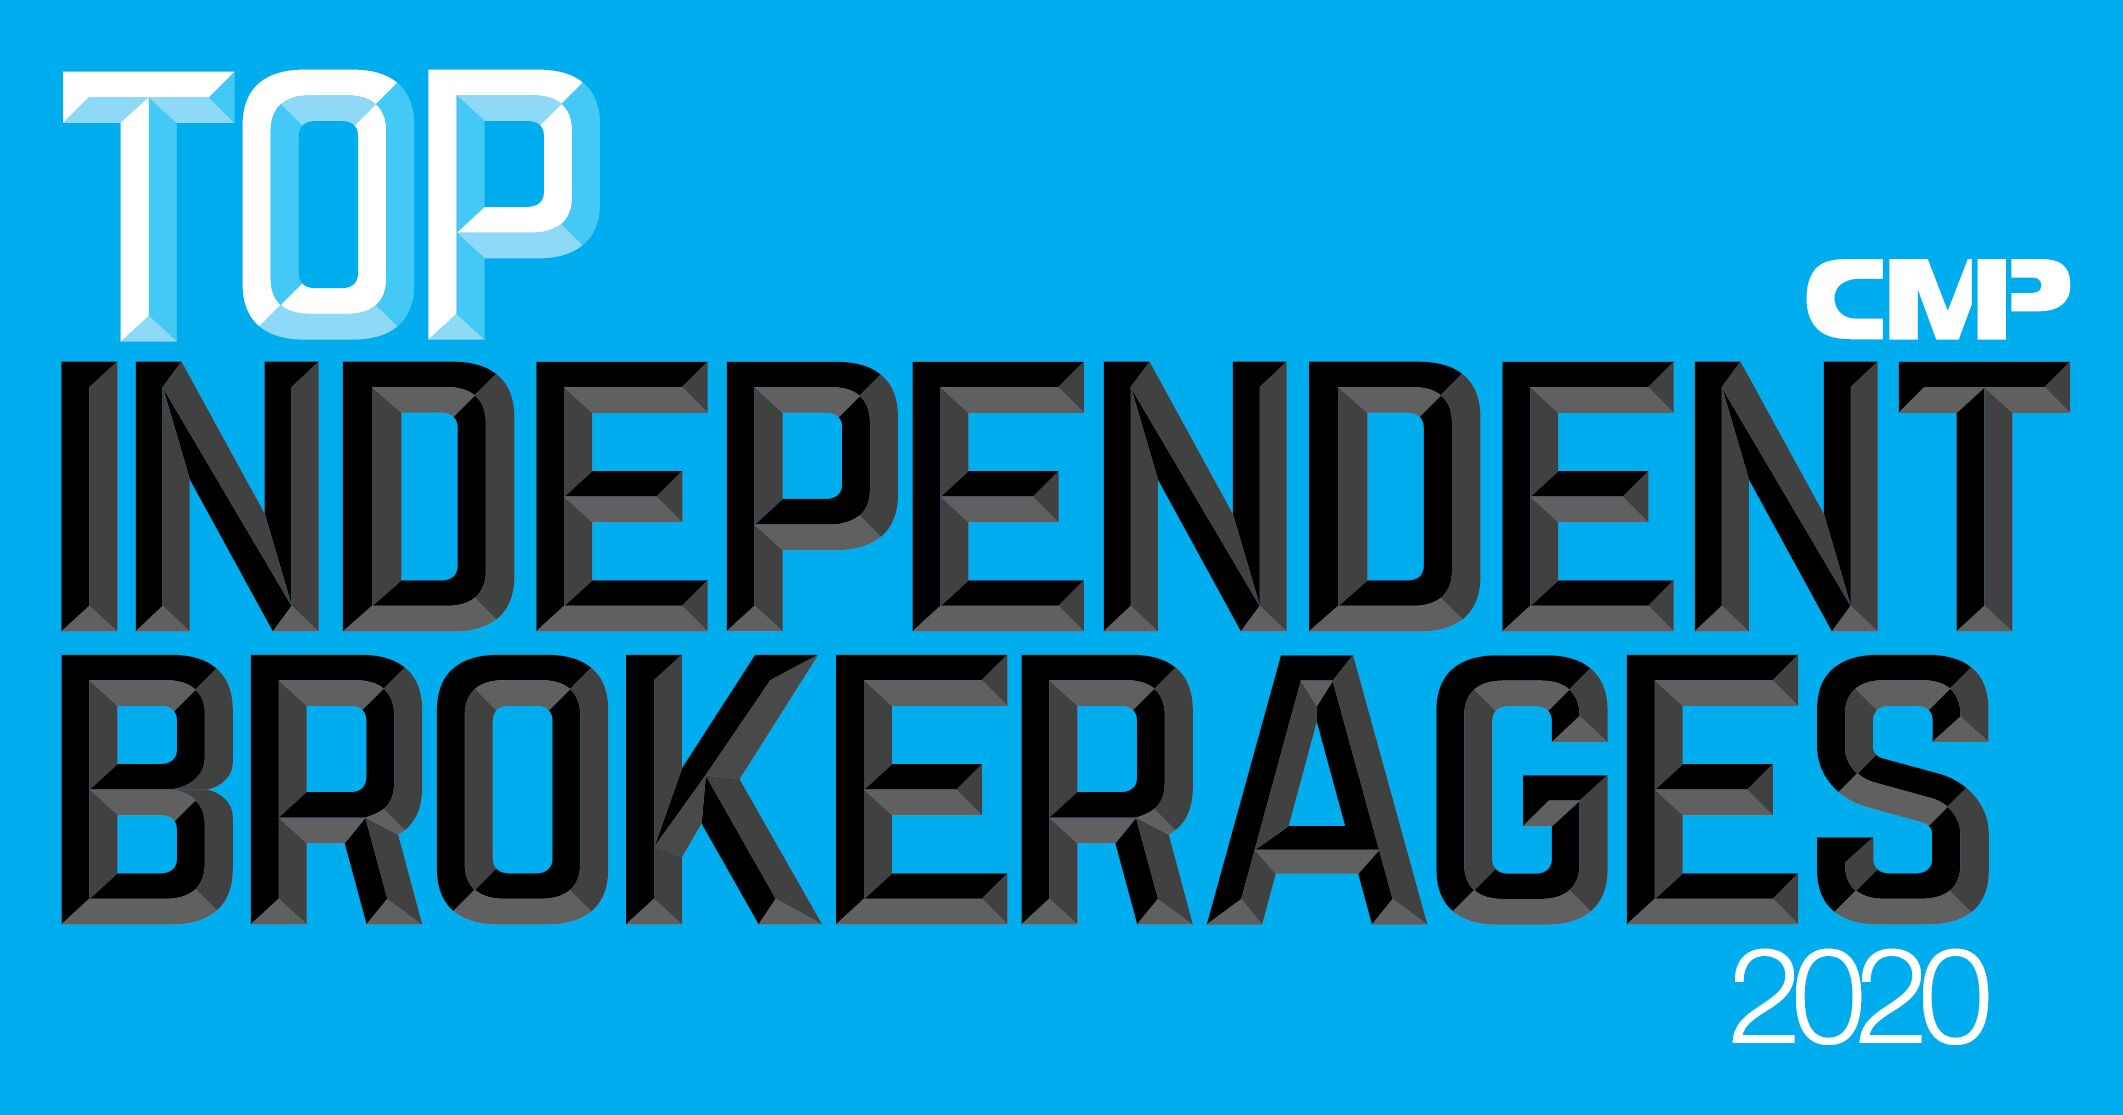 Top Independent Brokerages 2020